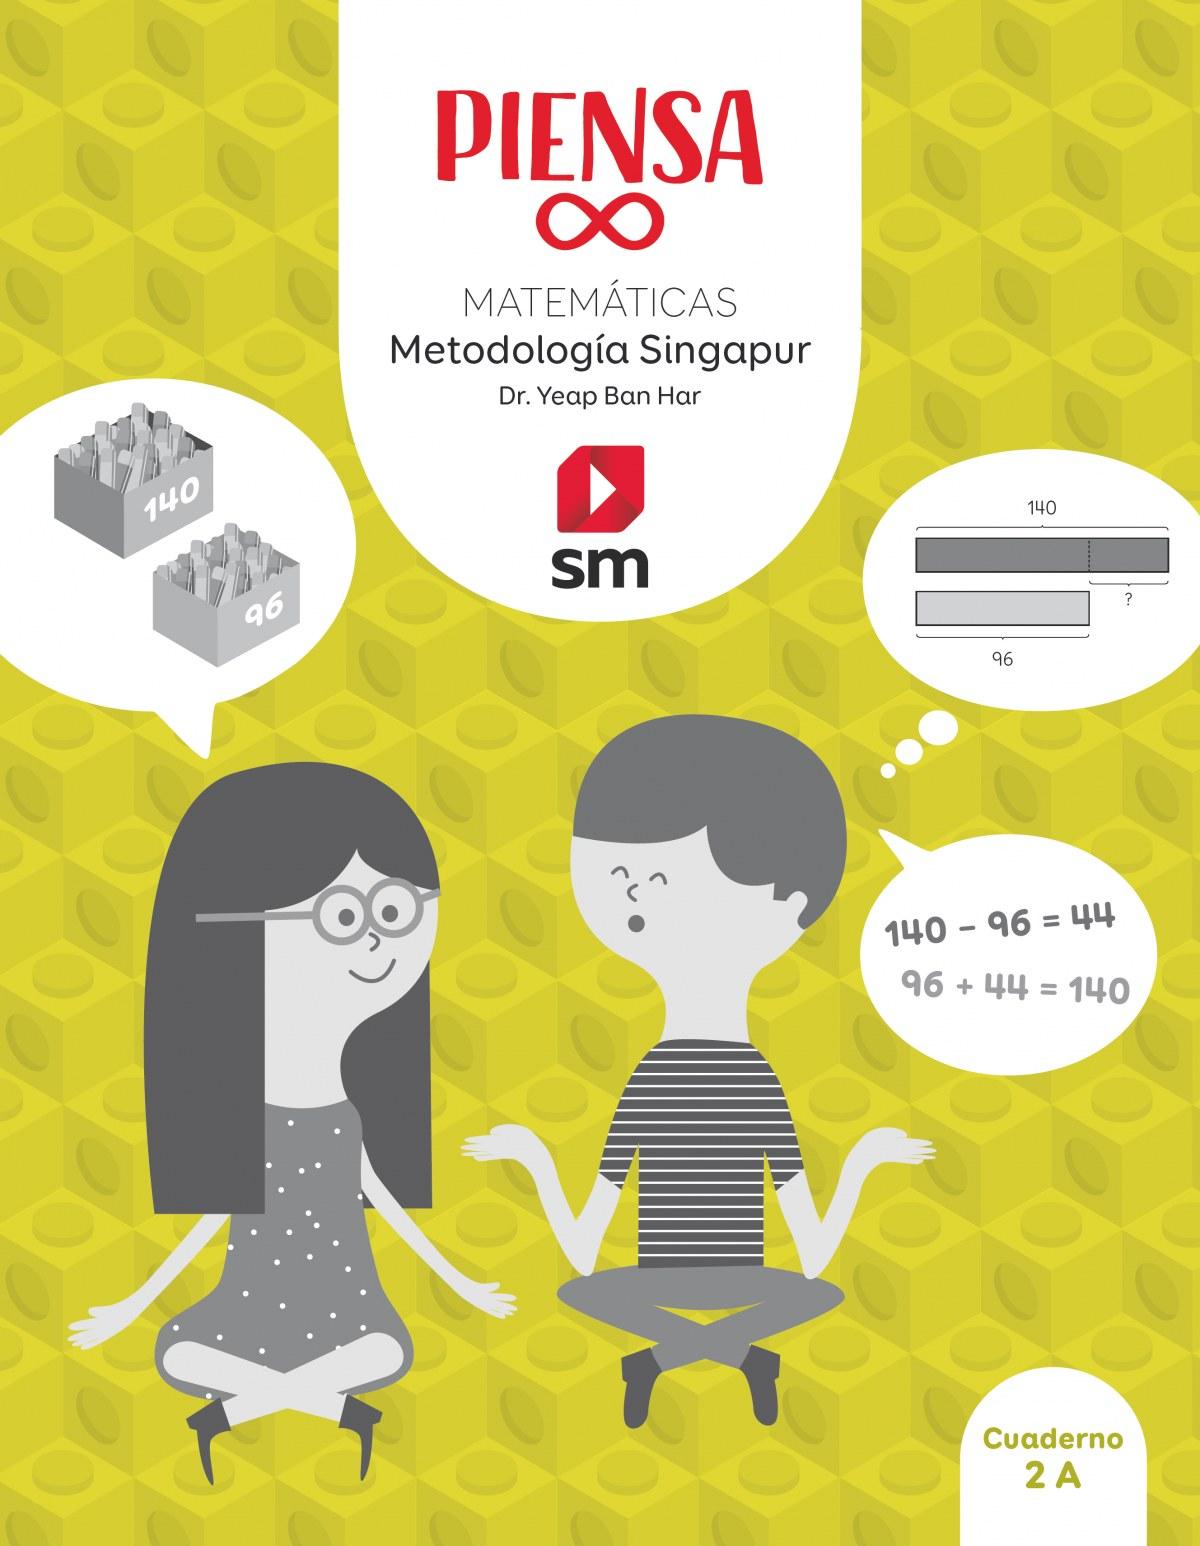 Piensa [infinito]. Metodología Singapur. 2 Primaria. Cuaderno